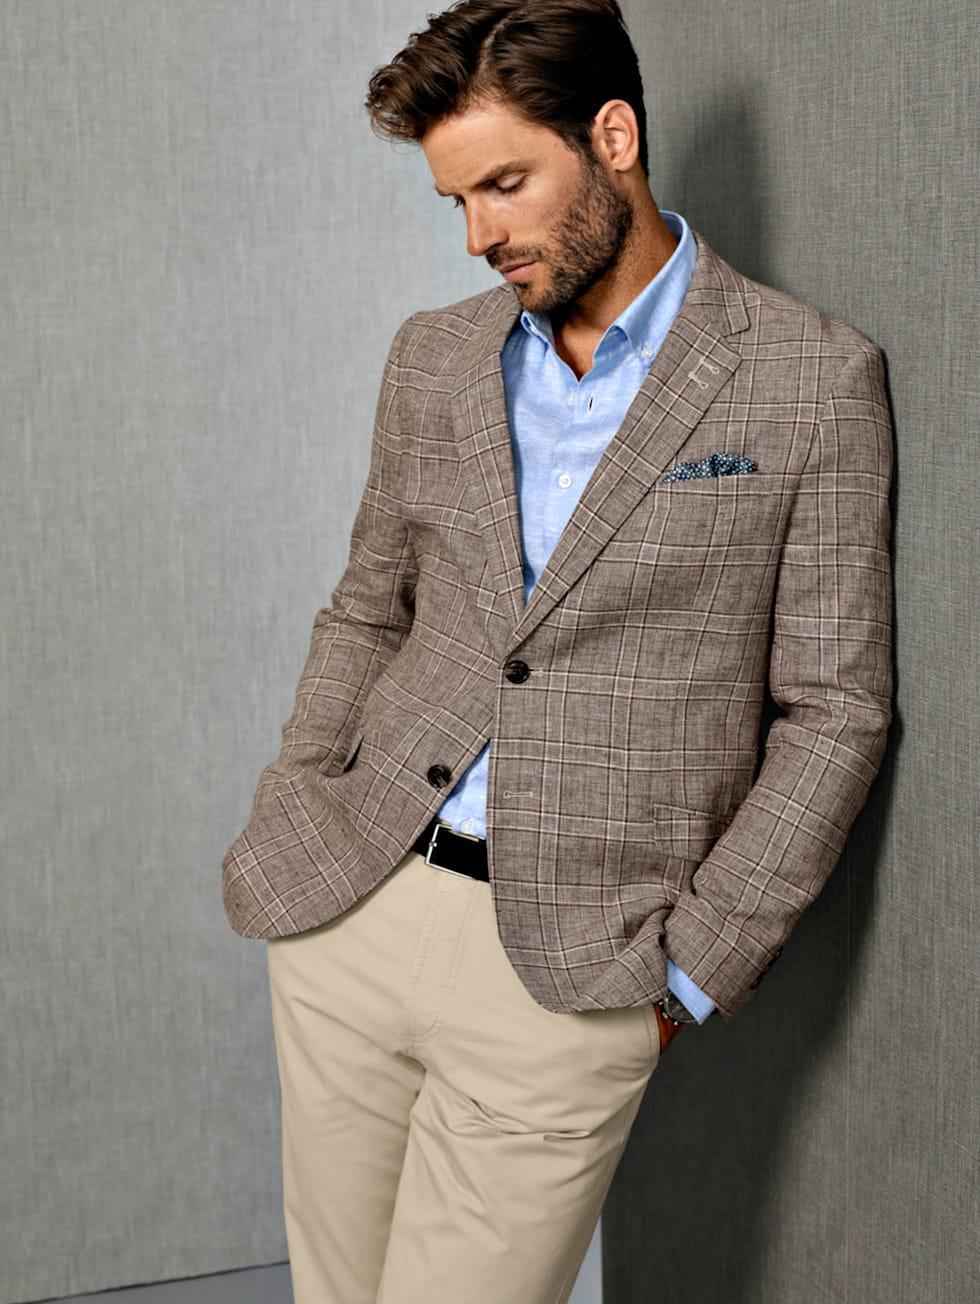 Premium-Outfit: Leinensakko, Leinenhemd und eine Chino in Camel